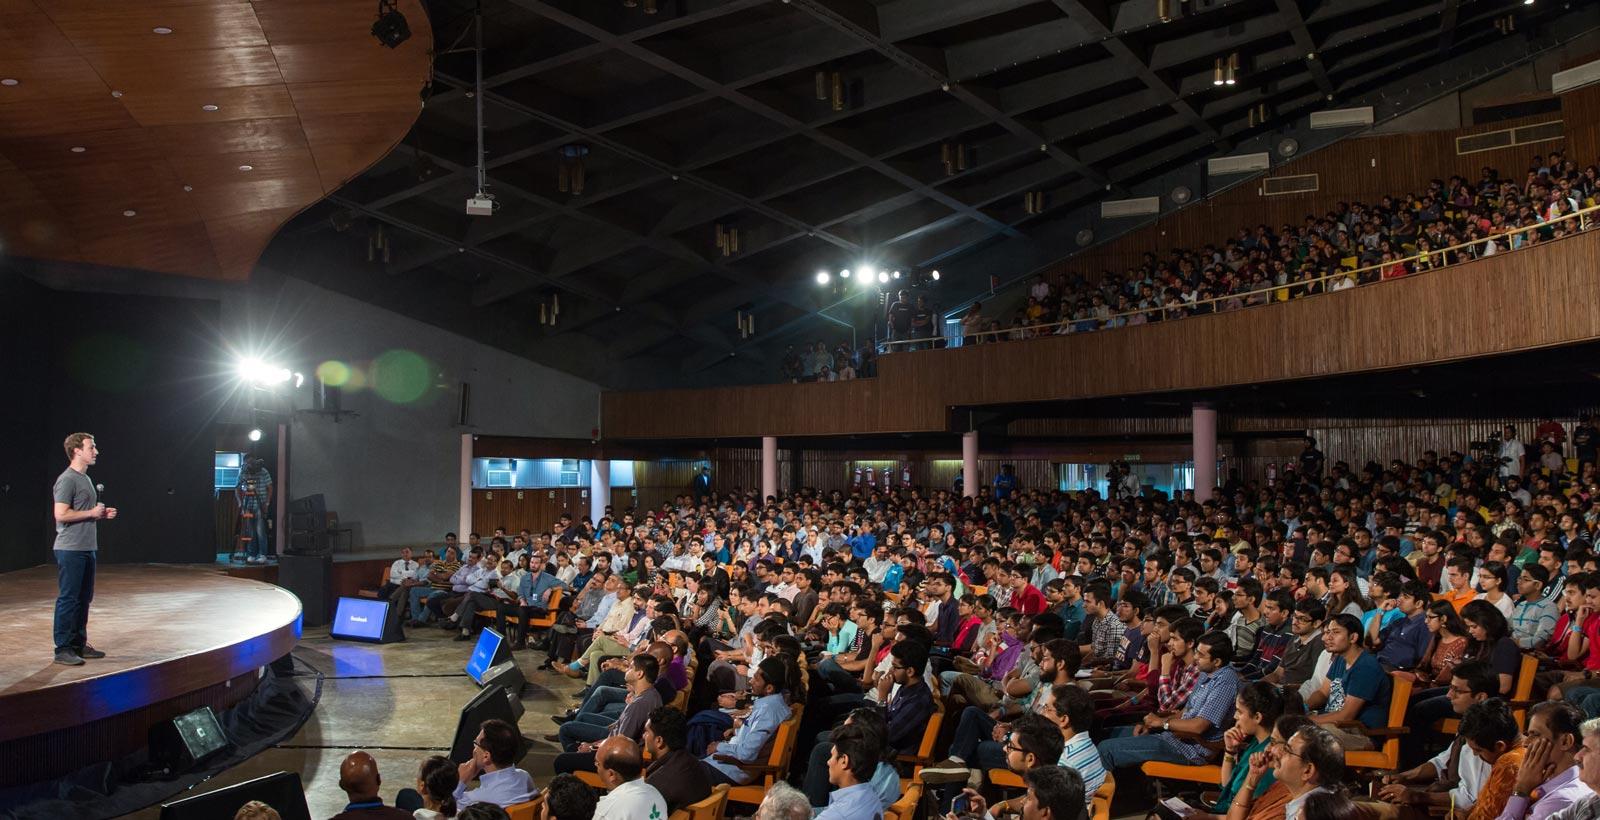 Mark Zuckerberg, s'adressant à une foule à l'institut indien de technologie de Delhi en octobre dernier.